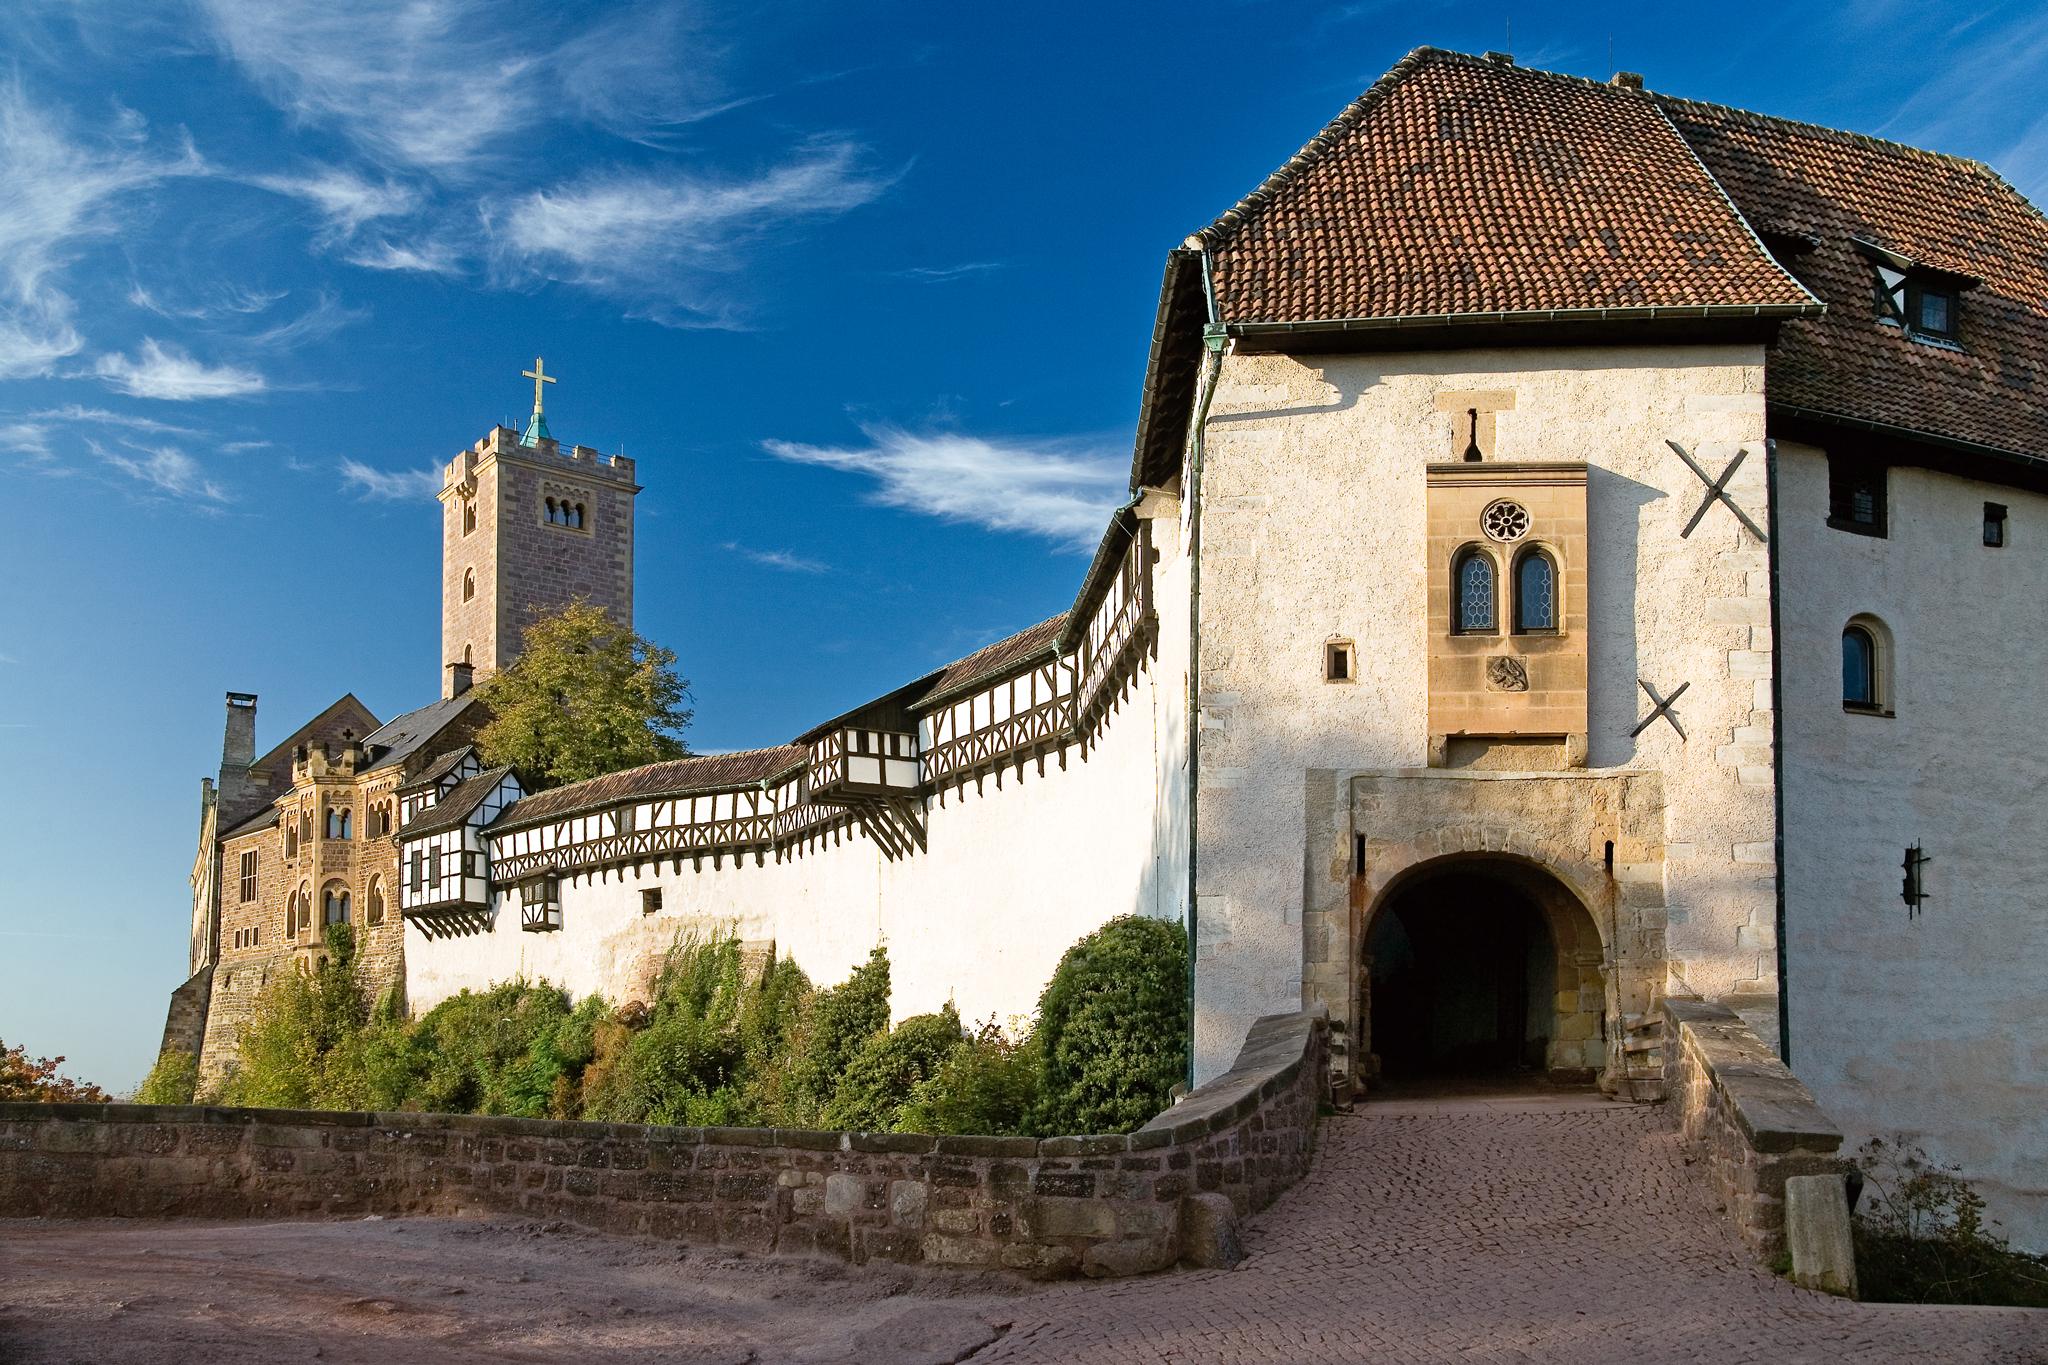 Die tausend Jahre alte Wartburg gehört zum UNESCO-Welterbe – hier offenbart sich Geschichte und Kultur wie an keinem anderen Ort in Deutschland © Anna-Lena Thamm